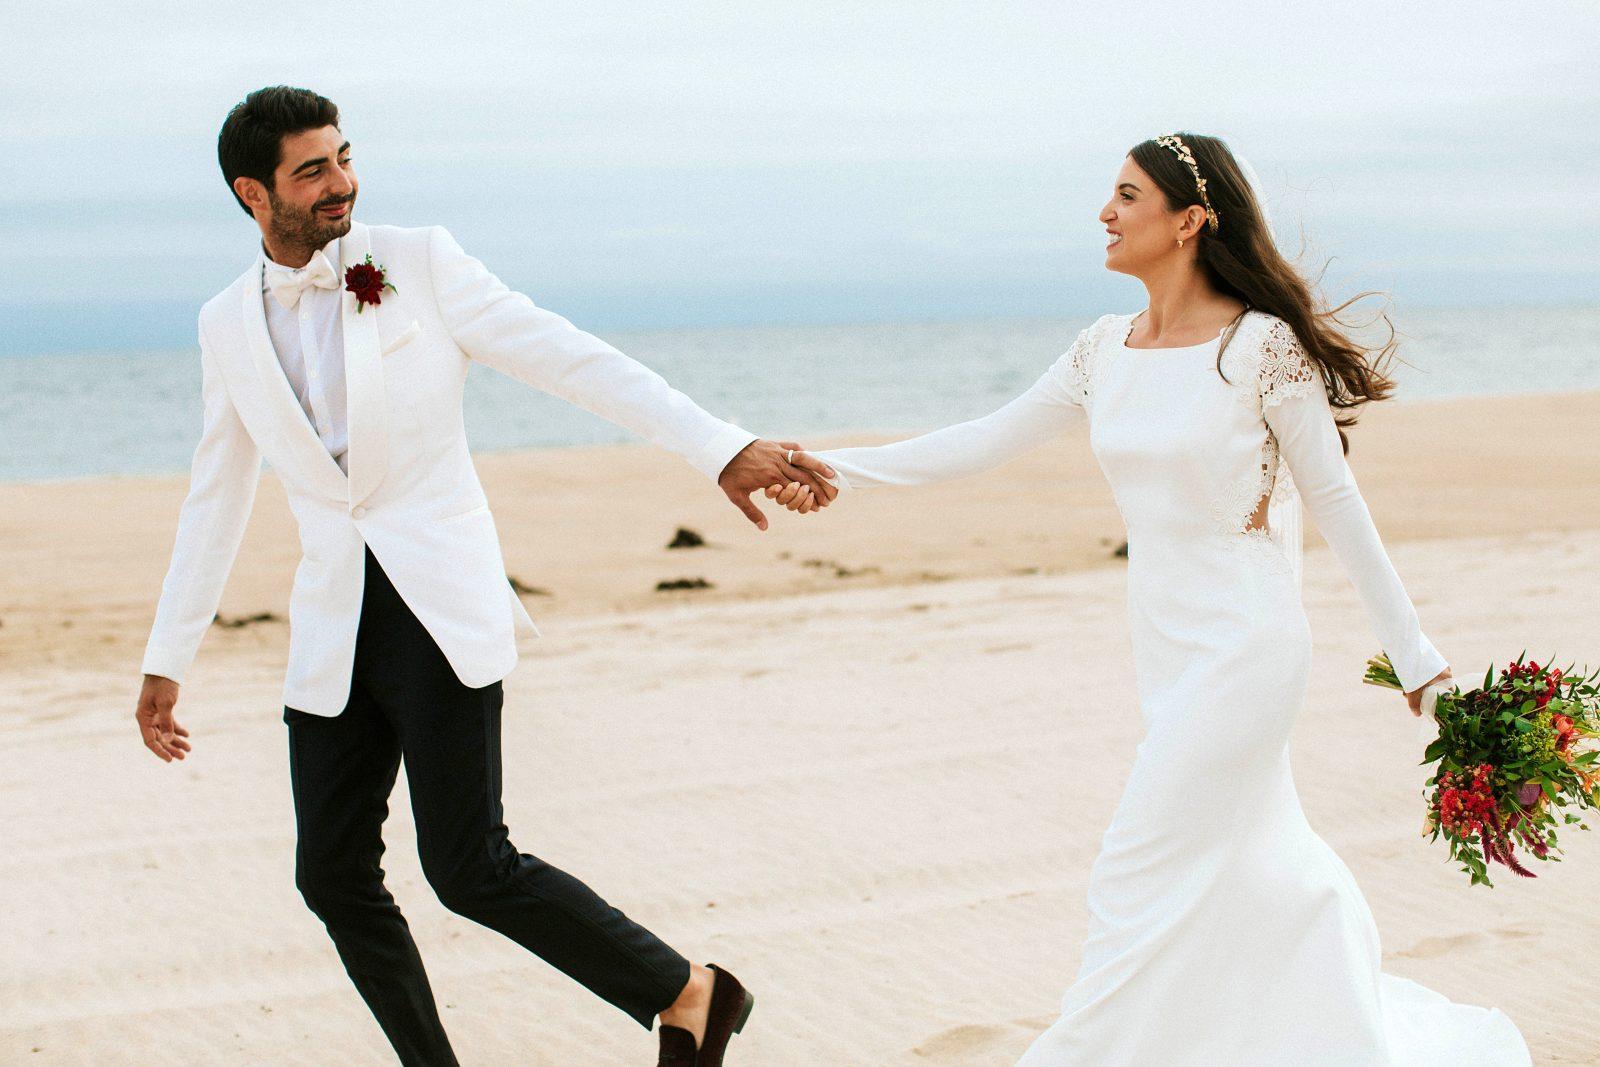 Estilo del novio para una boda en la playa